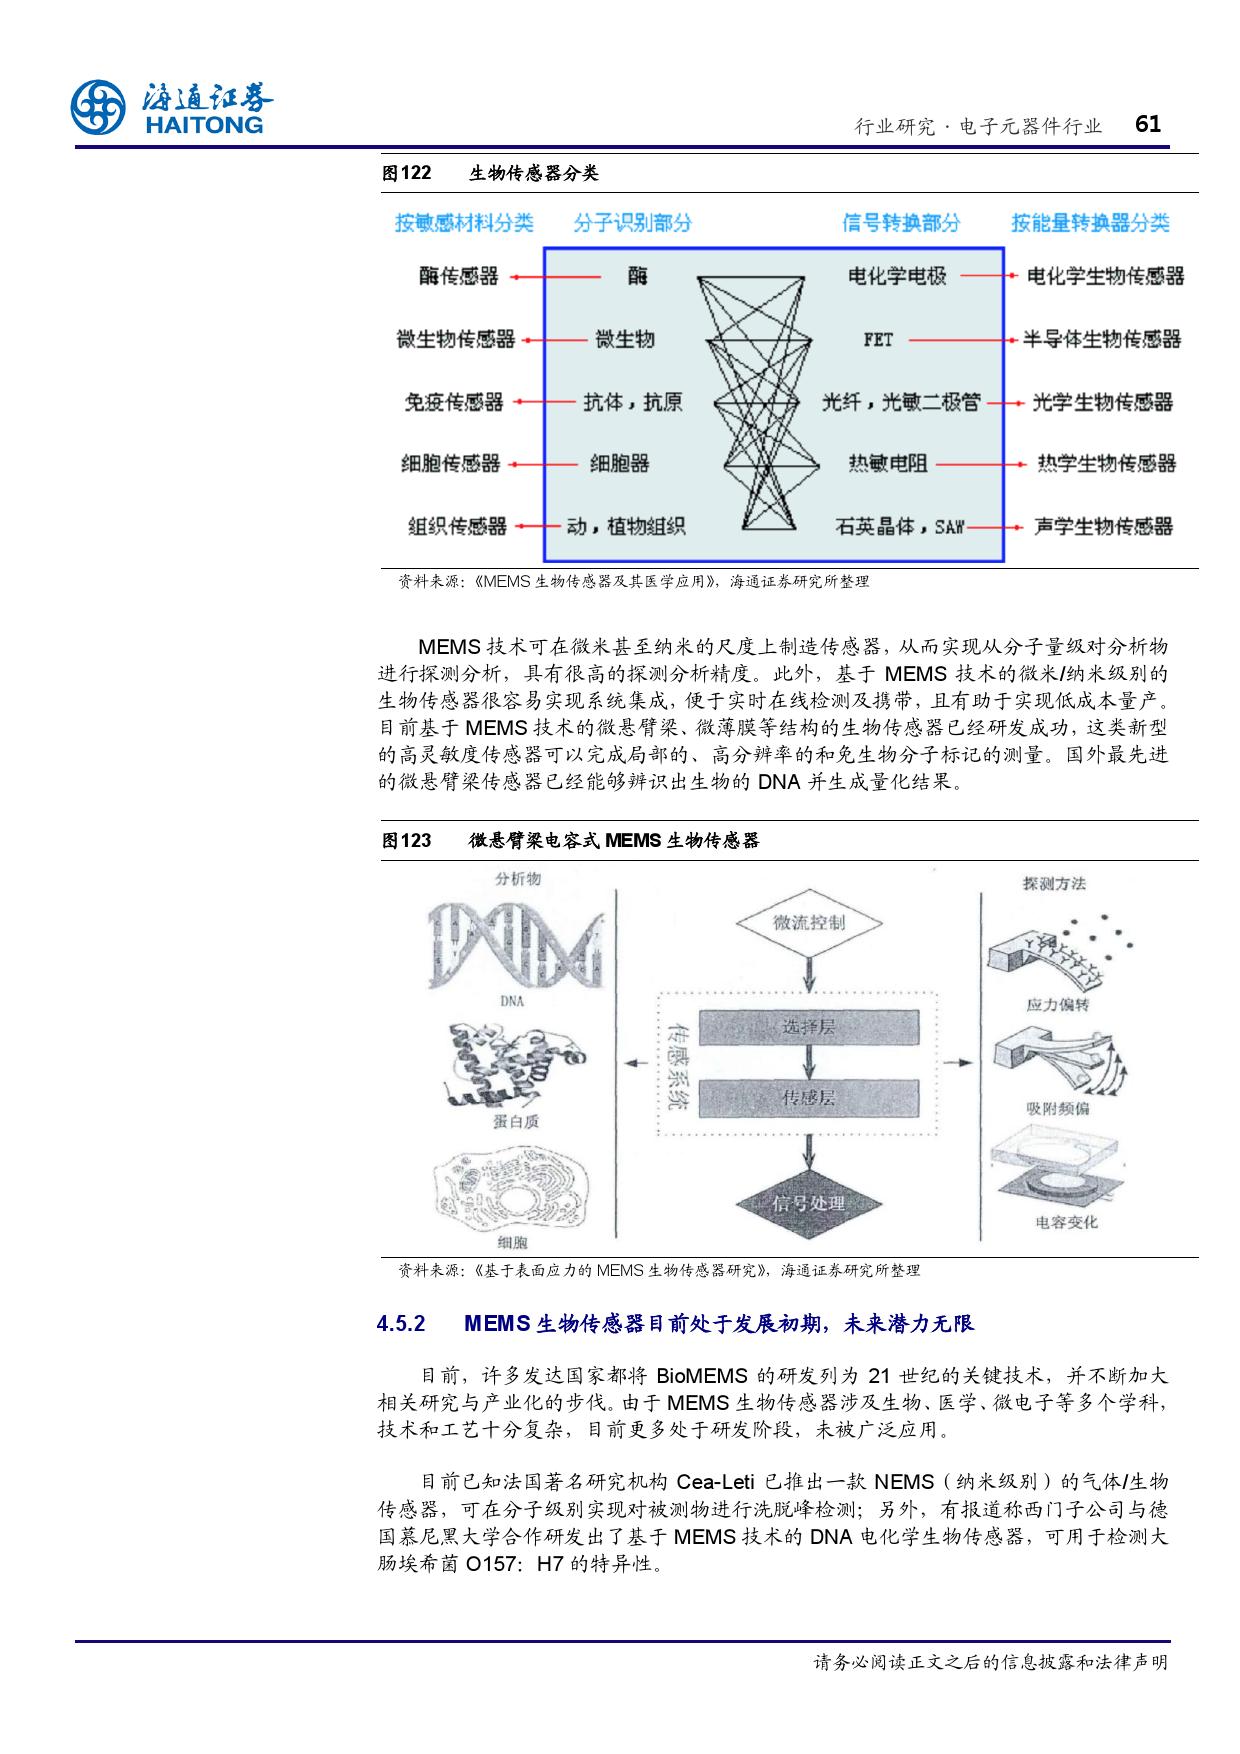 报告全解传感器全球产业链_000061